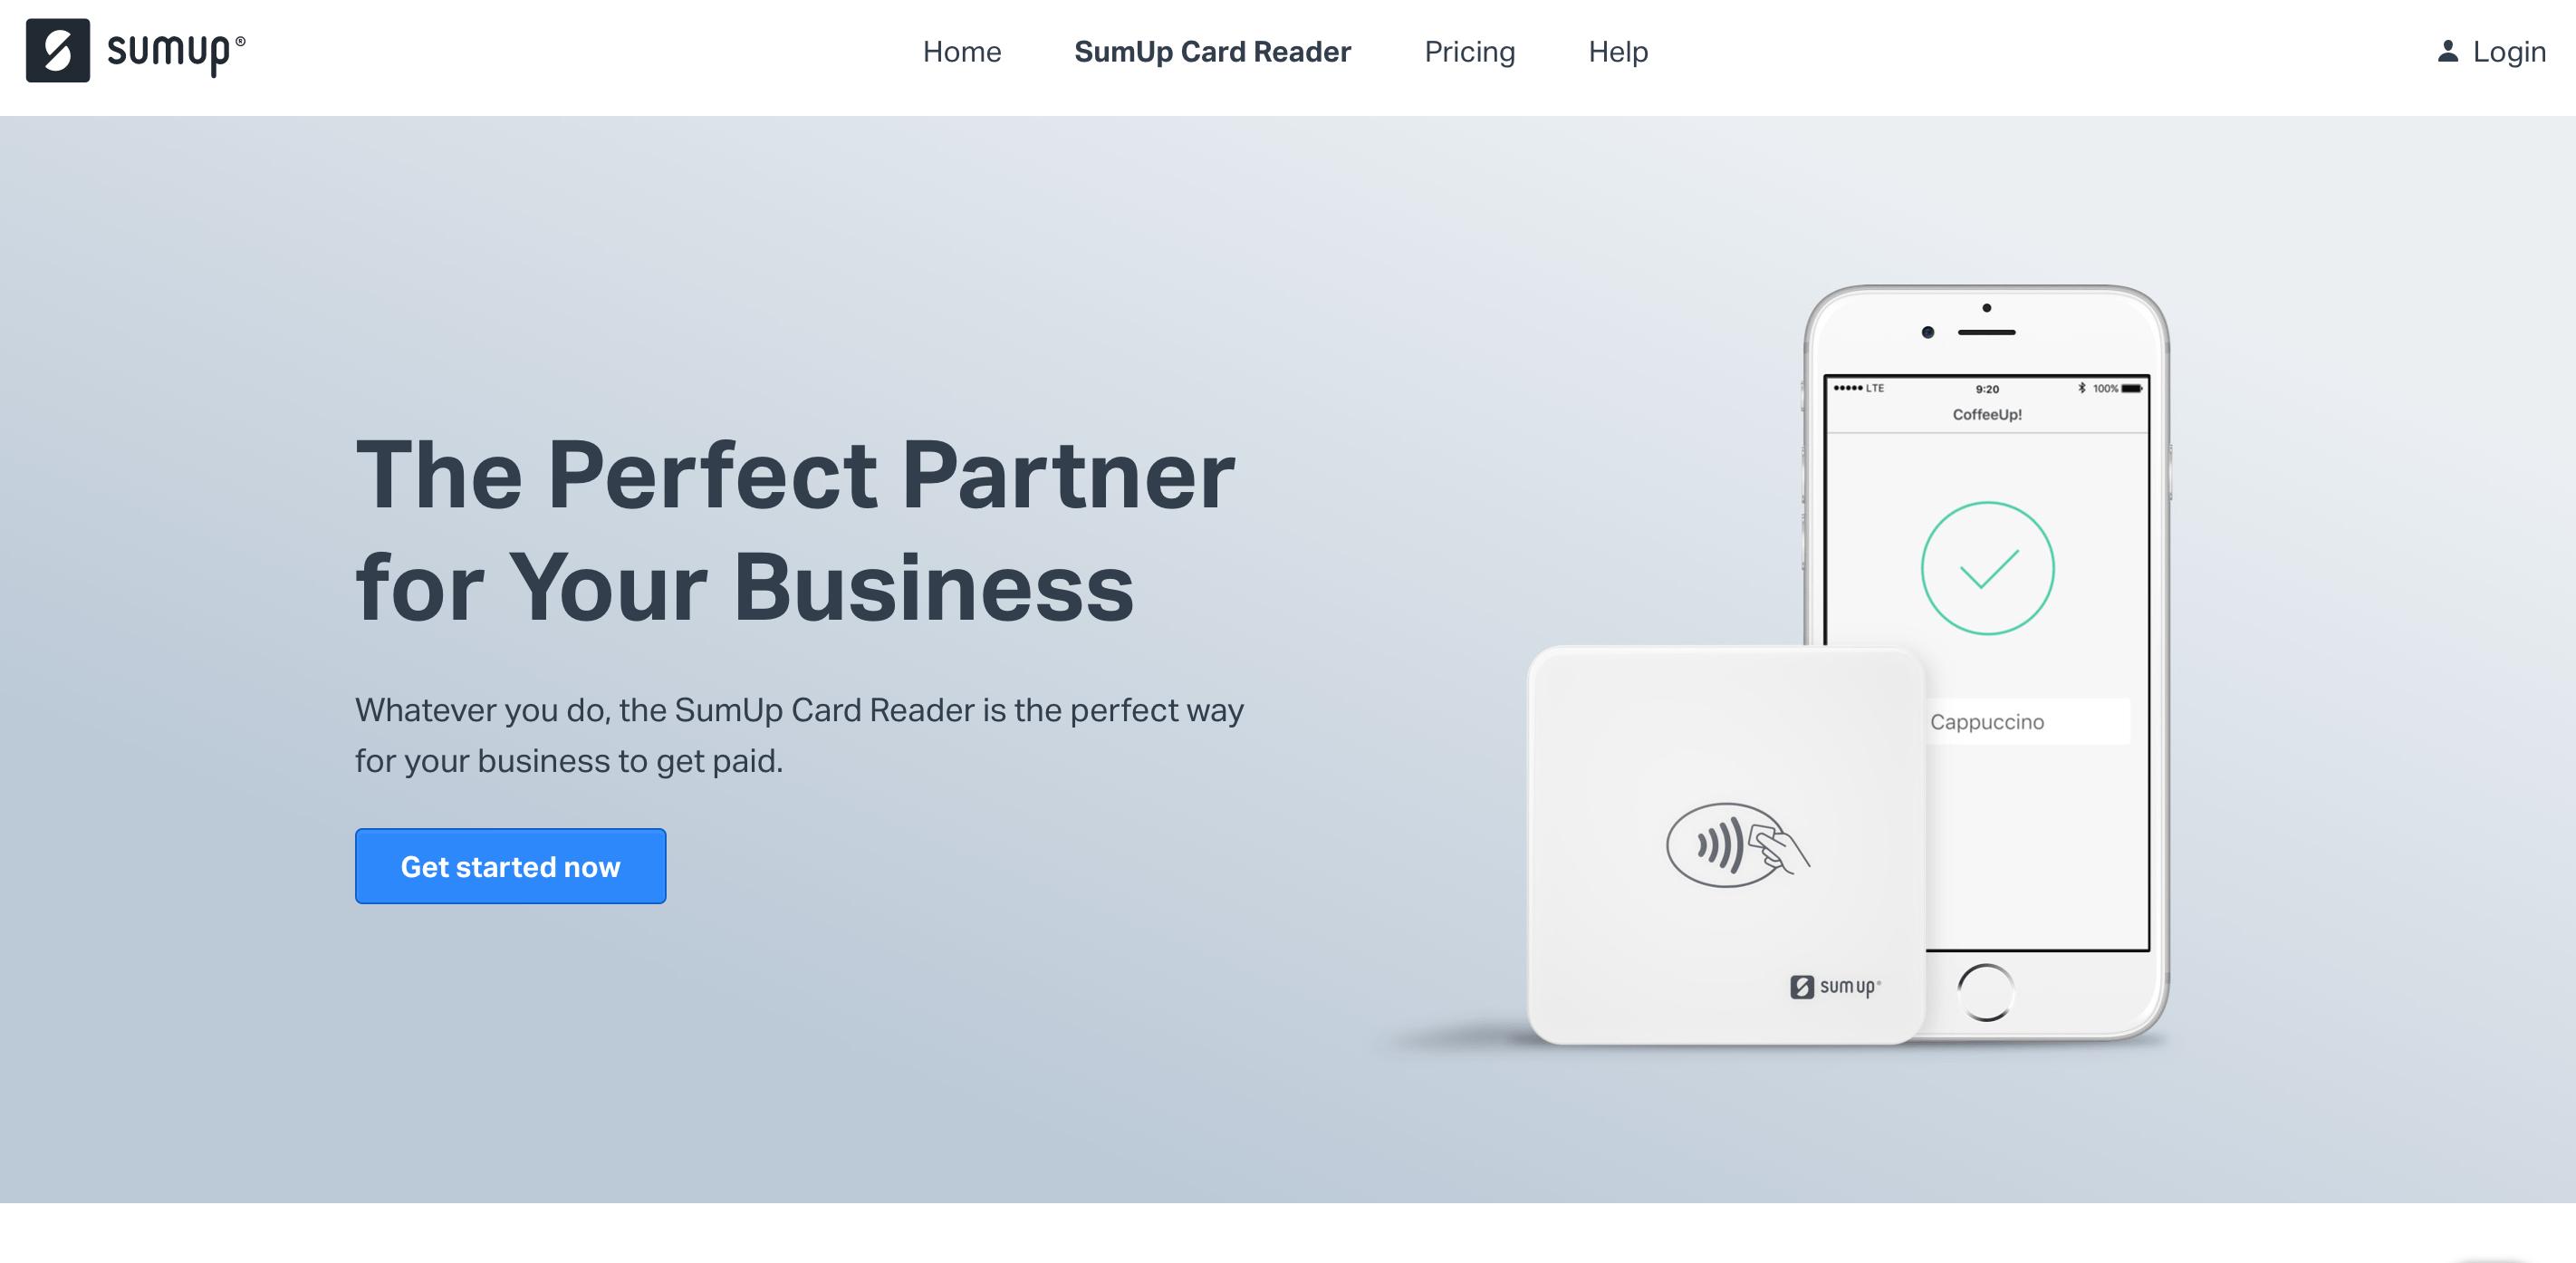 SumUp website screenshot